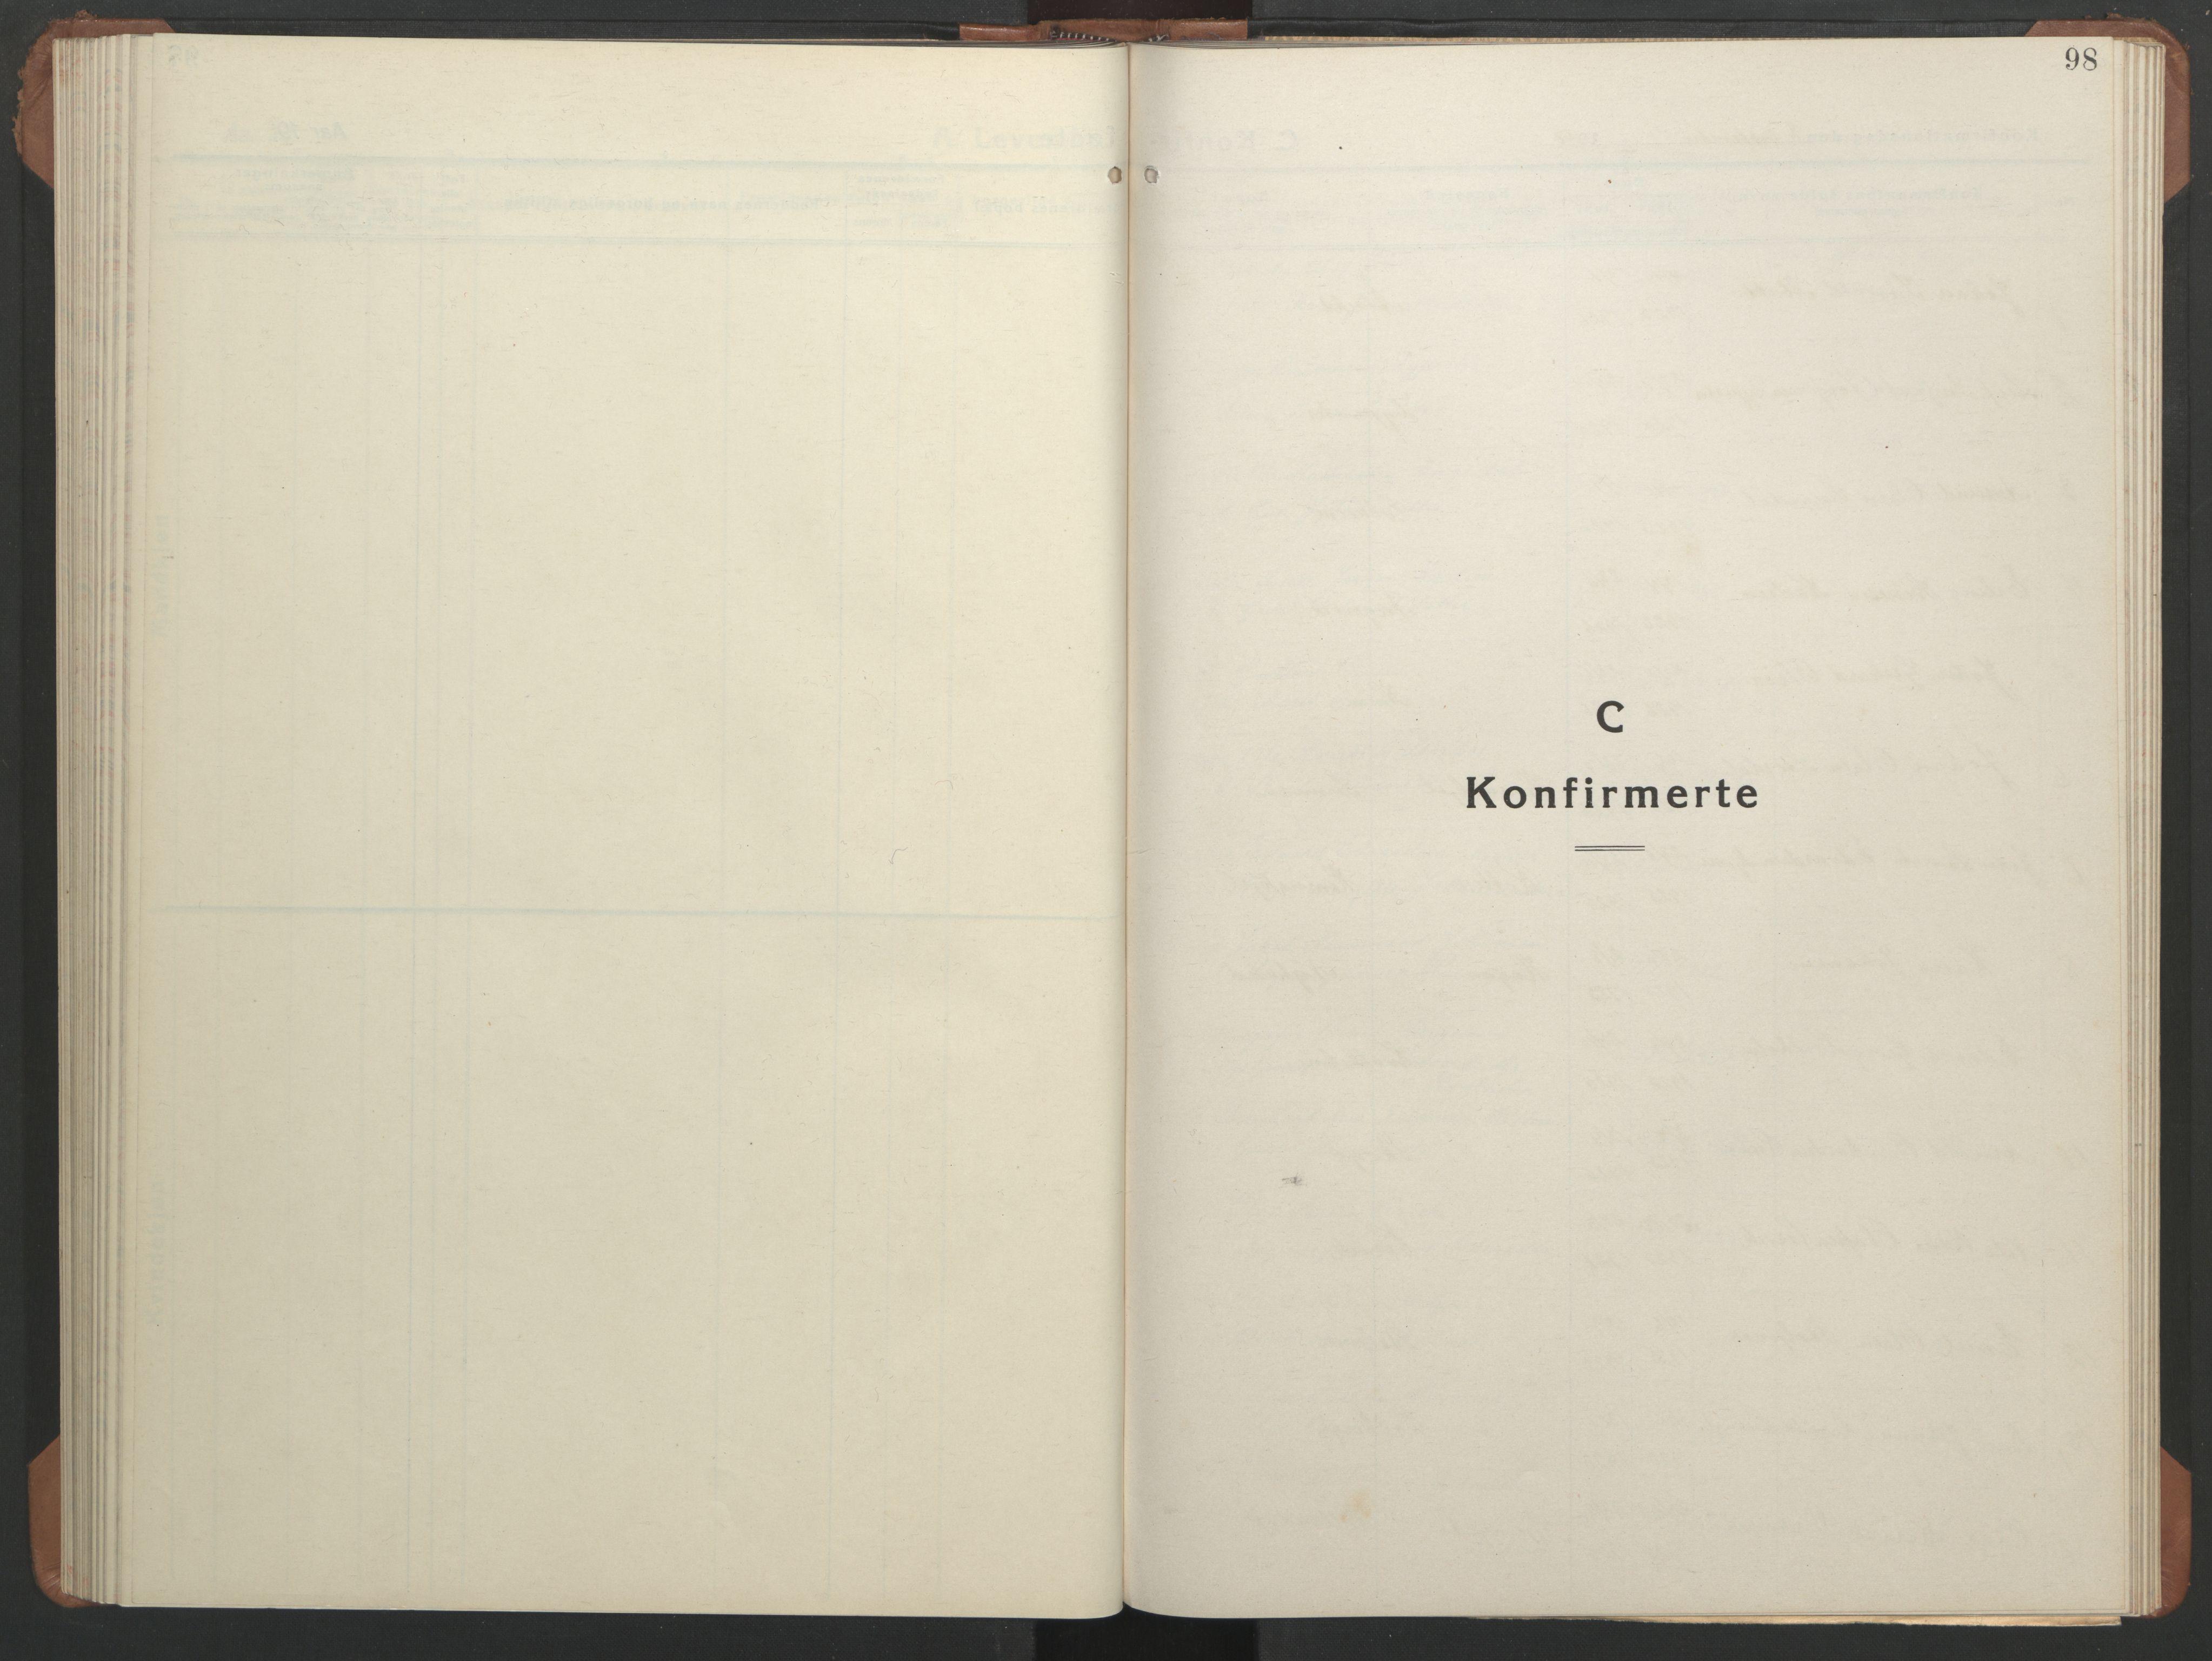 SAT, Ministerialprotokoller, klokkerbøker og fødselsregistre - Sør-Trøndelag, 633/L0521: Klokkerbok nr. 633C03, 1921-1941, s. 98